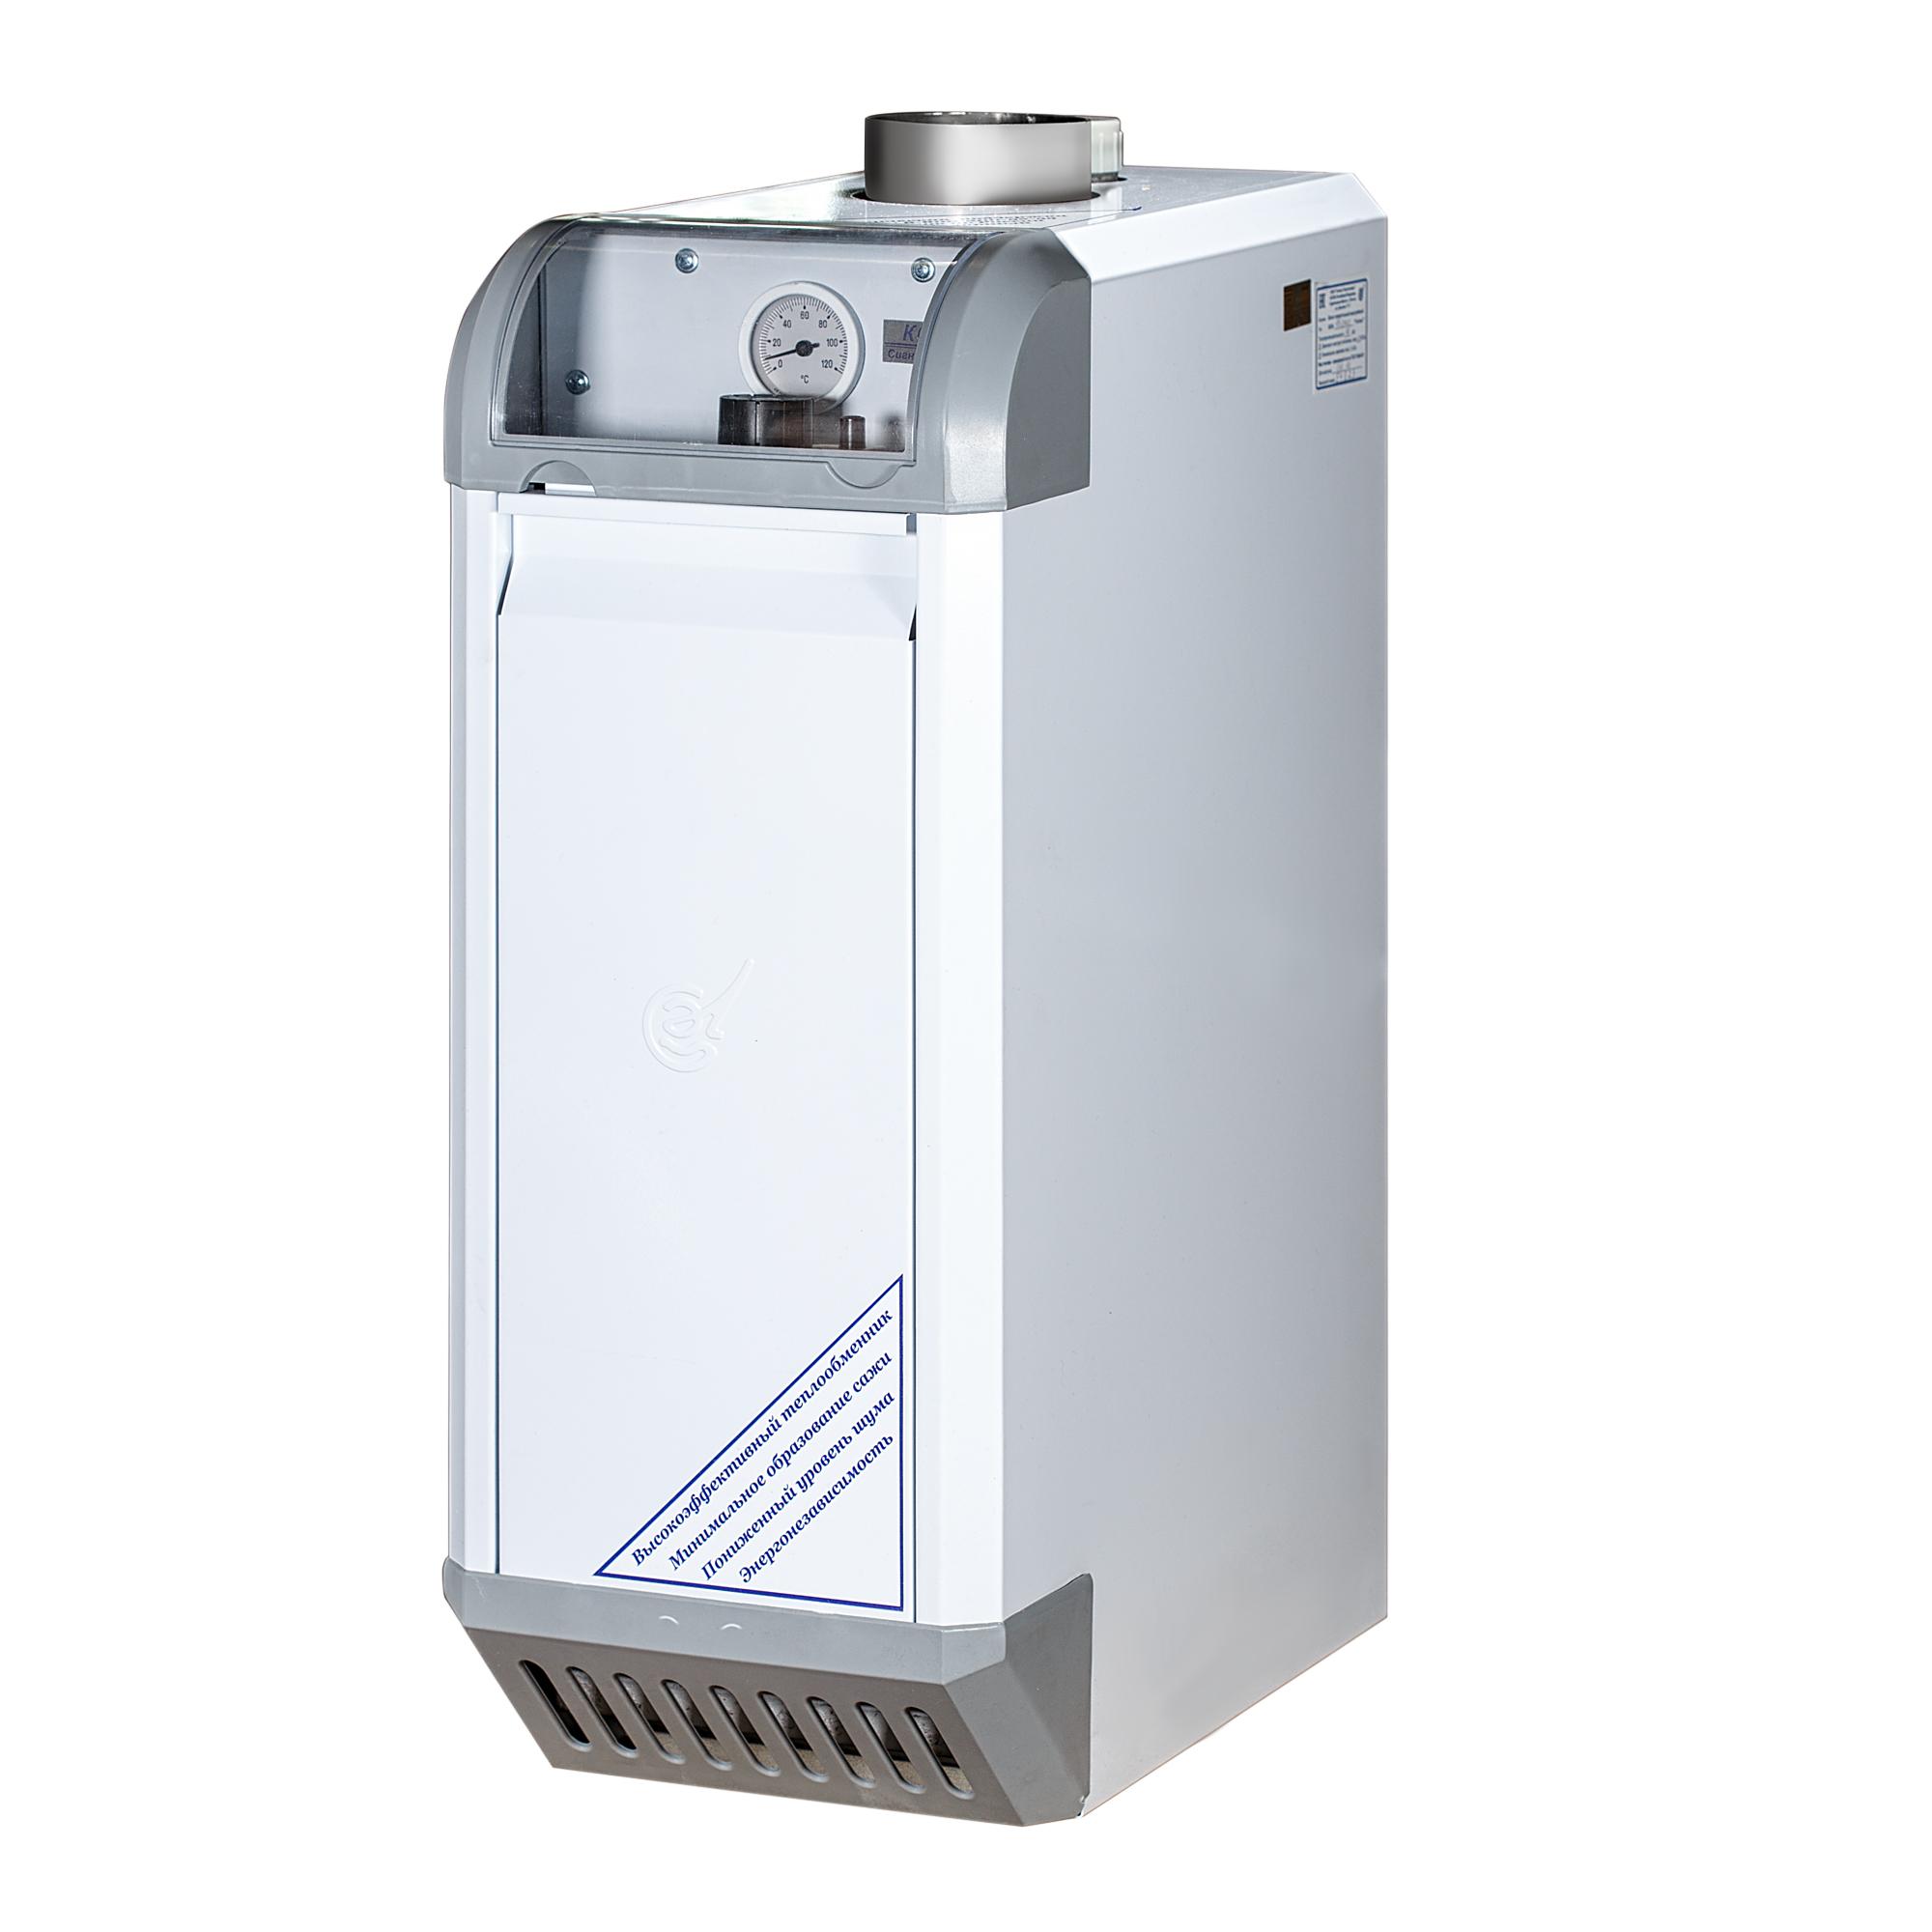 купить газовый котел двухконтурный для отопления дома